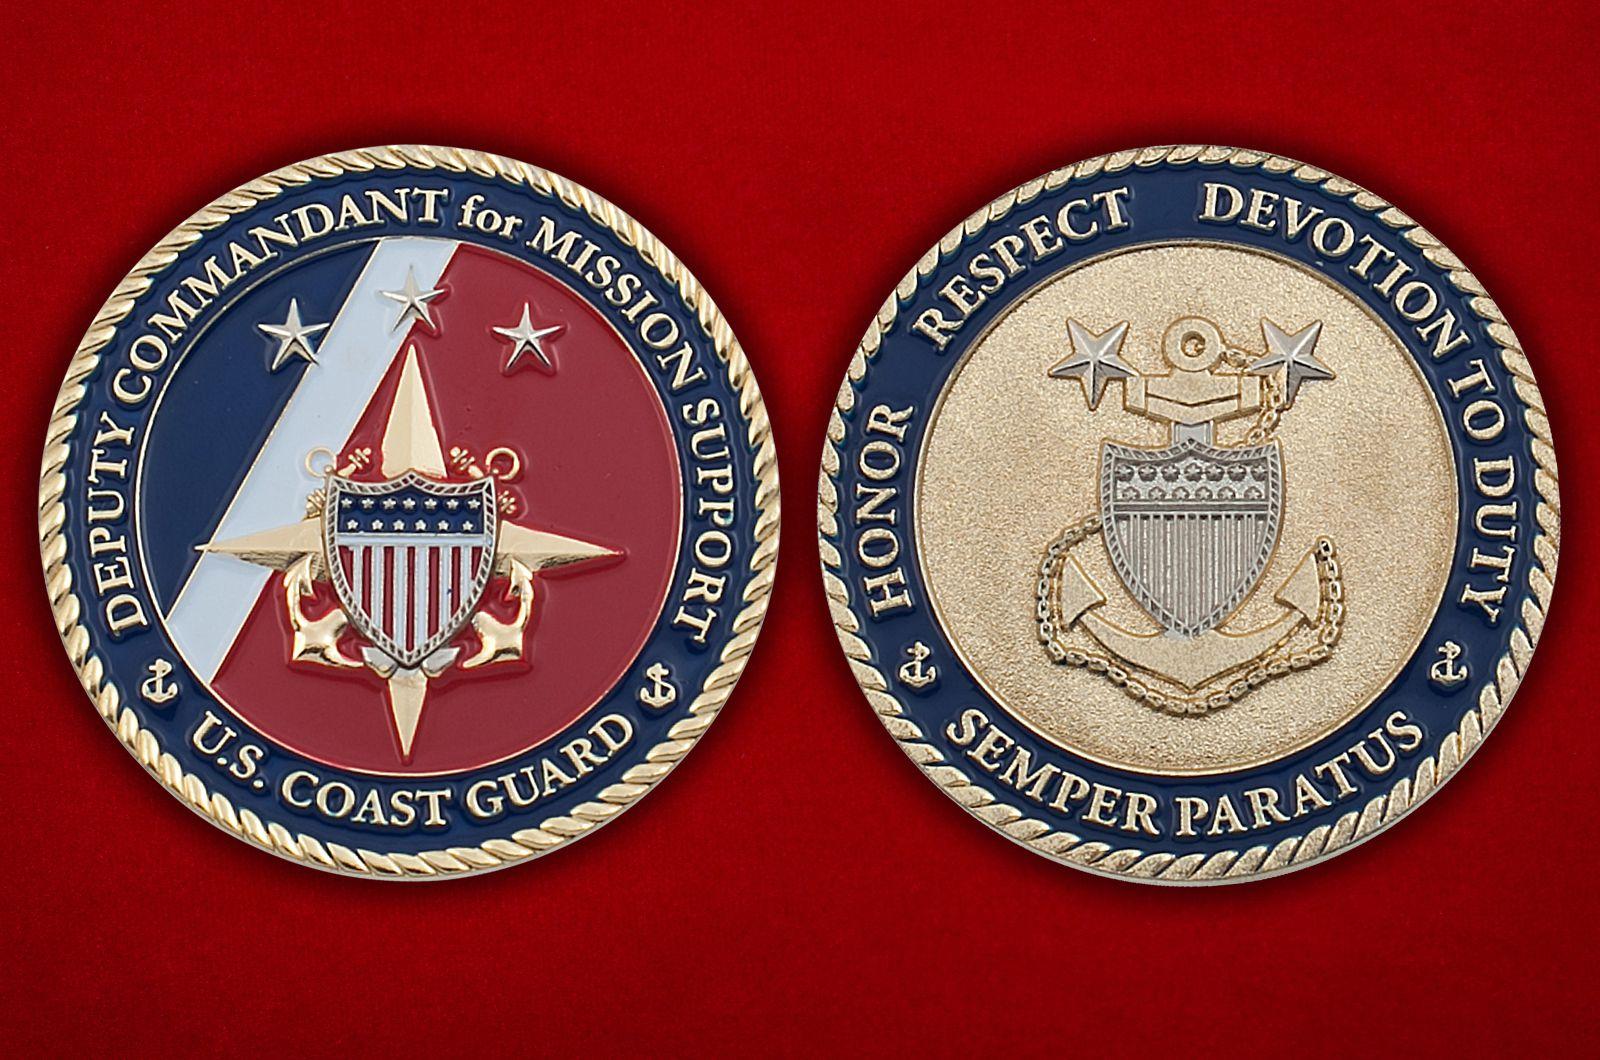 Челлендж коин заместителя Коменданта Береговой охраны США - аверс и реверс